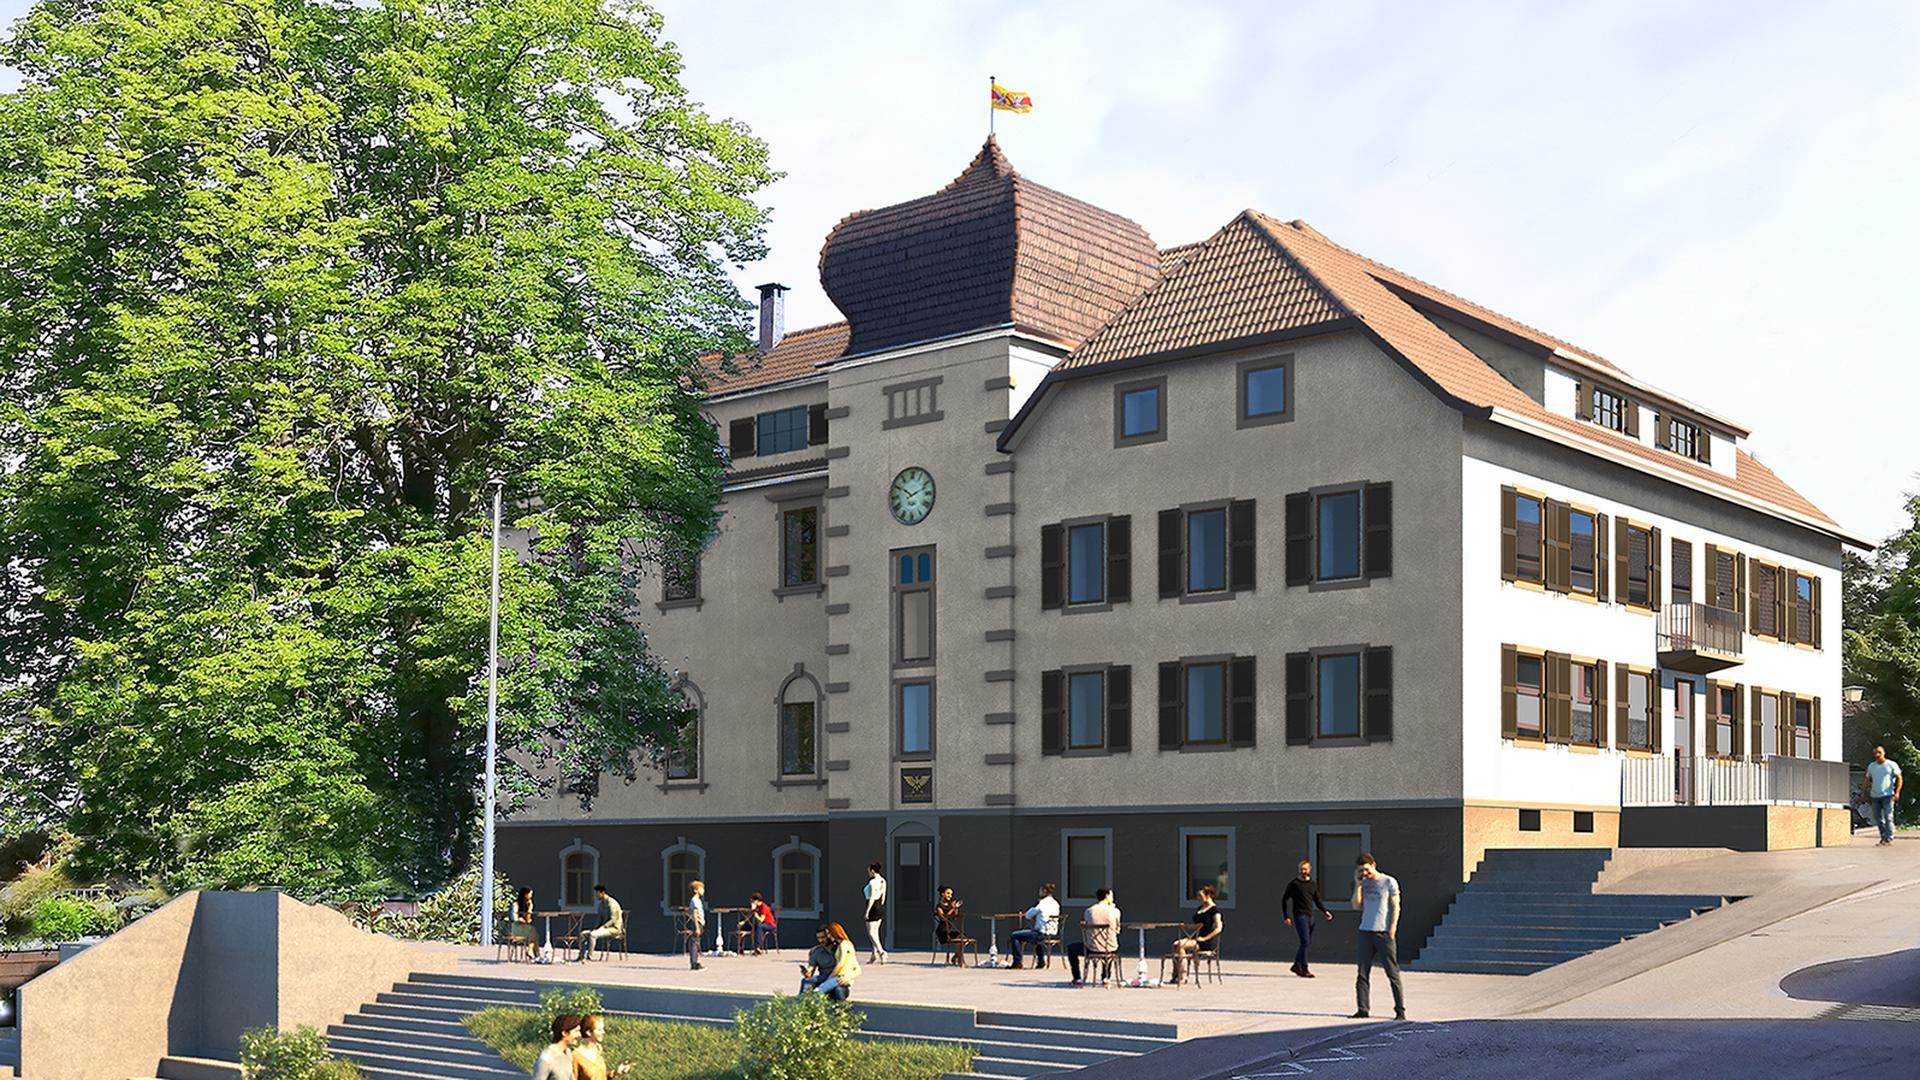 Adler Sasbachwalden